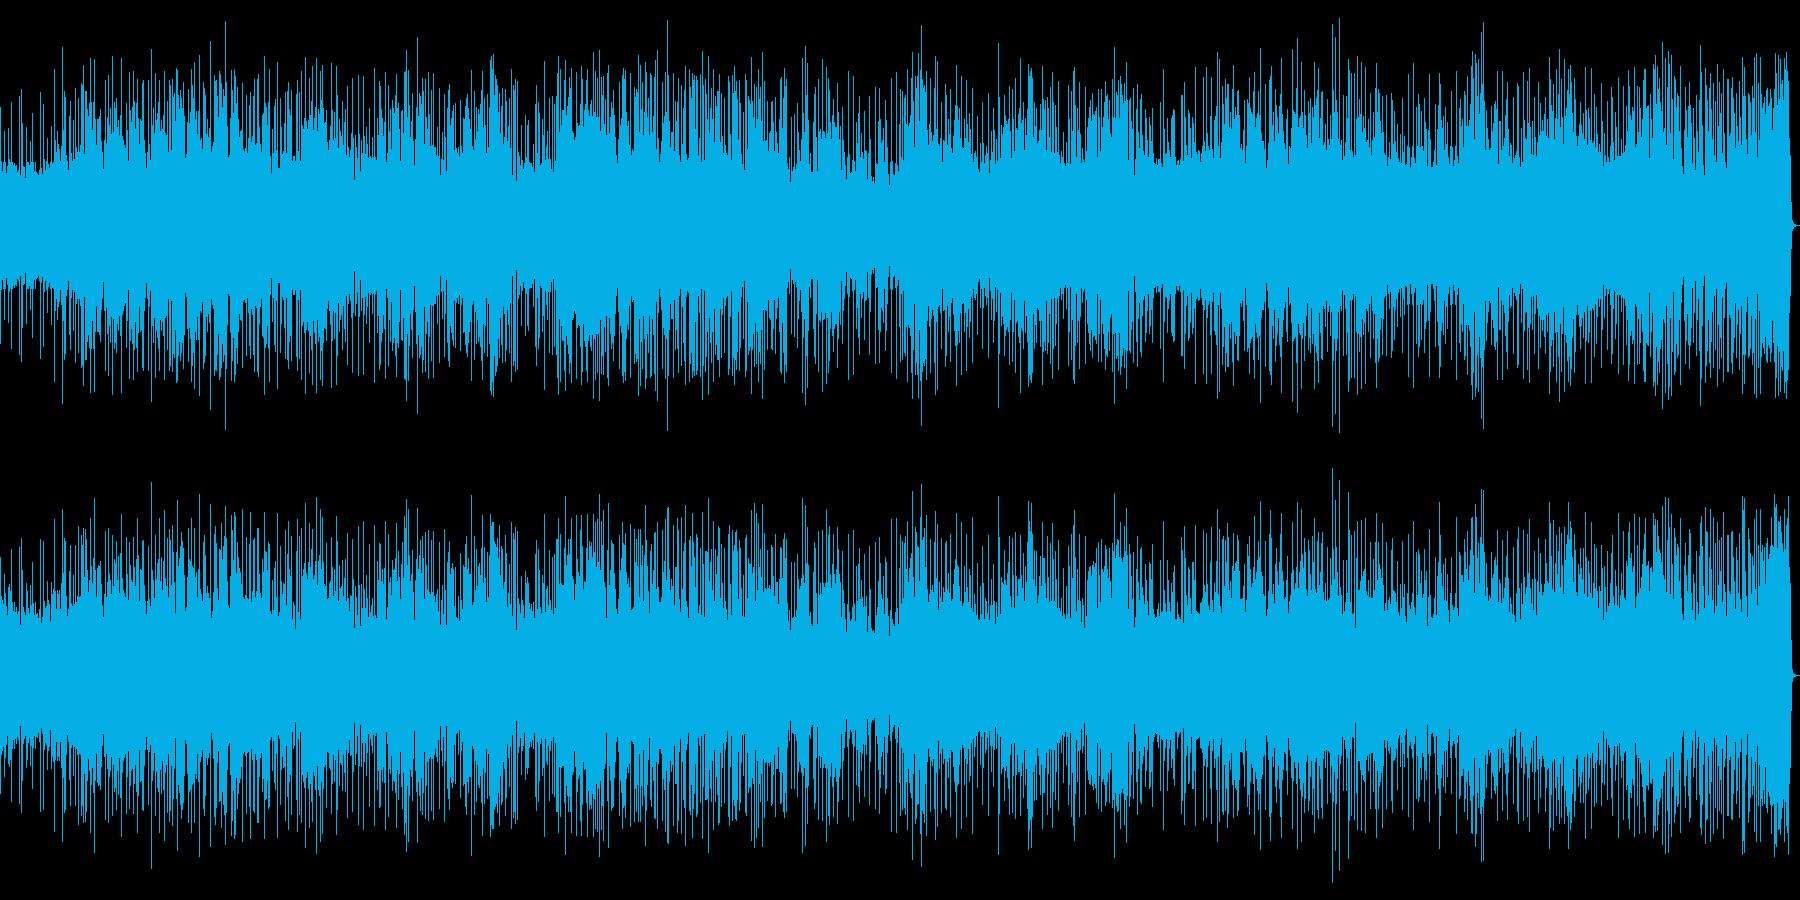 8bit 勇壮なポップファンタジーの再生済みの波形